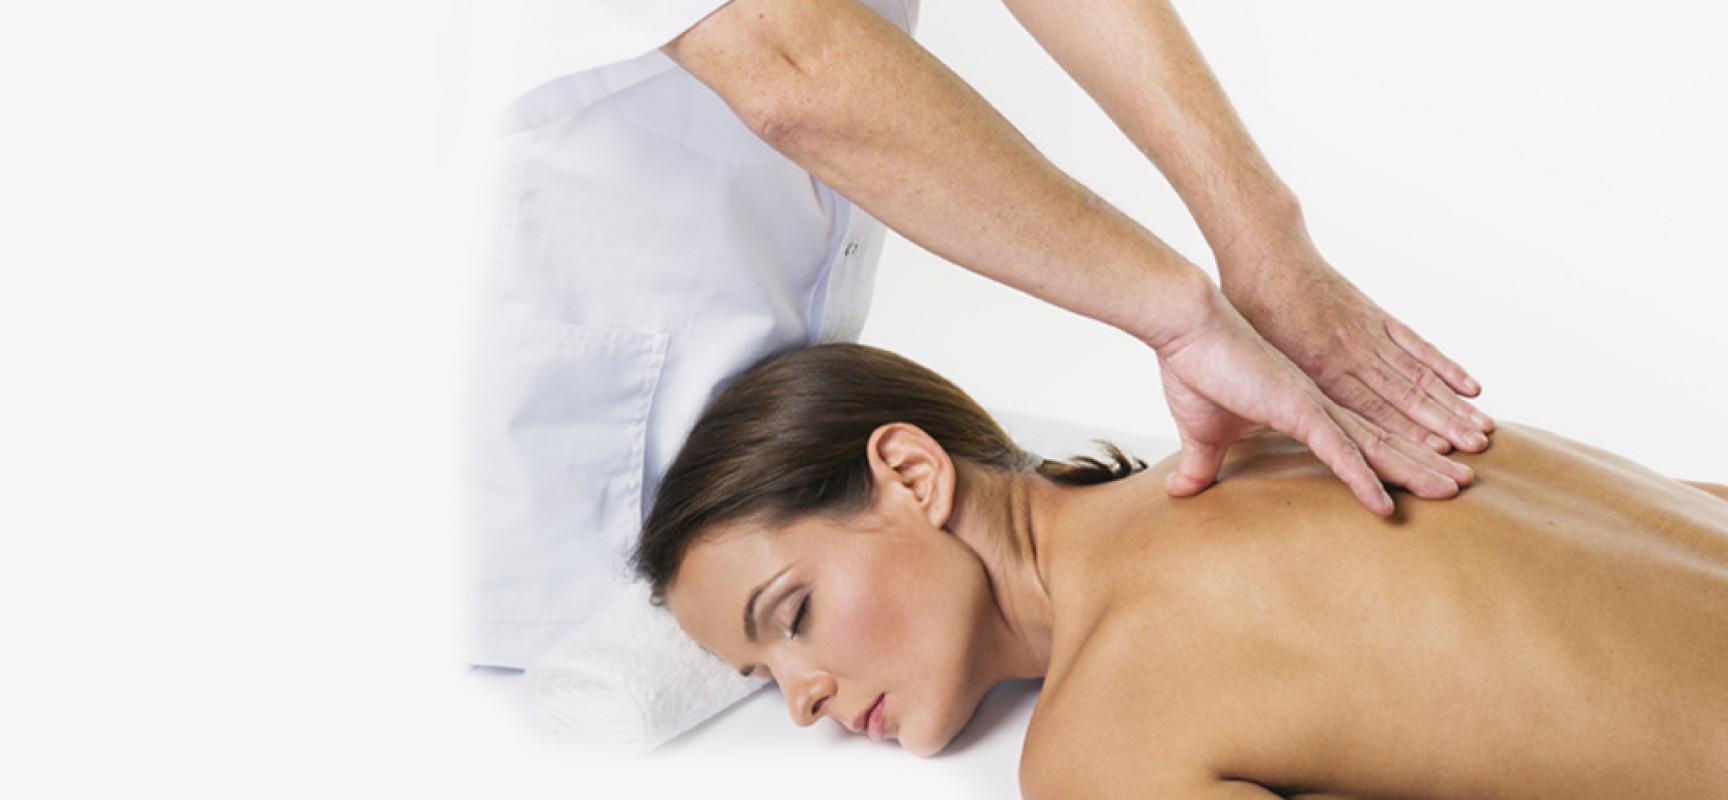 Постизометрическая релаксация (ПИР), как элемент мануальной терапии